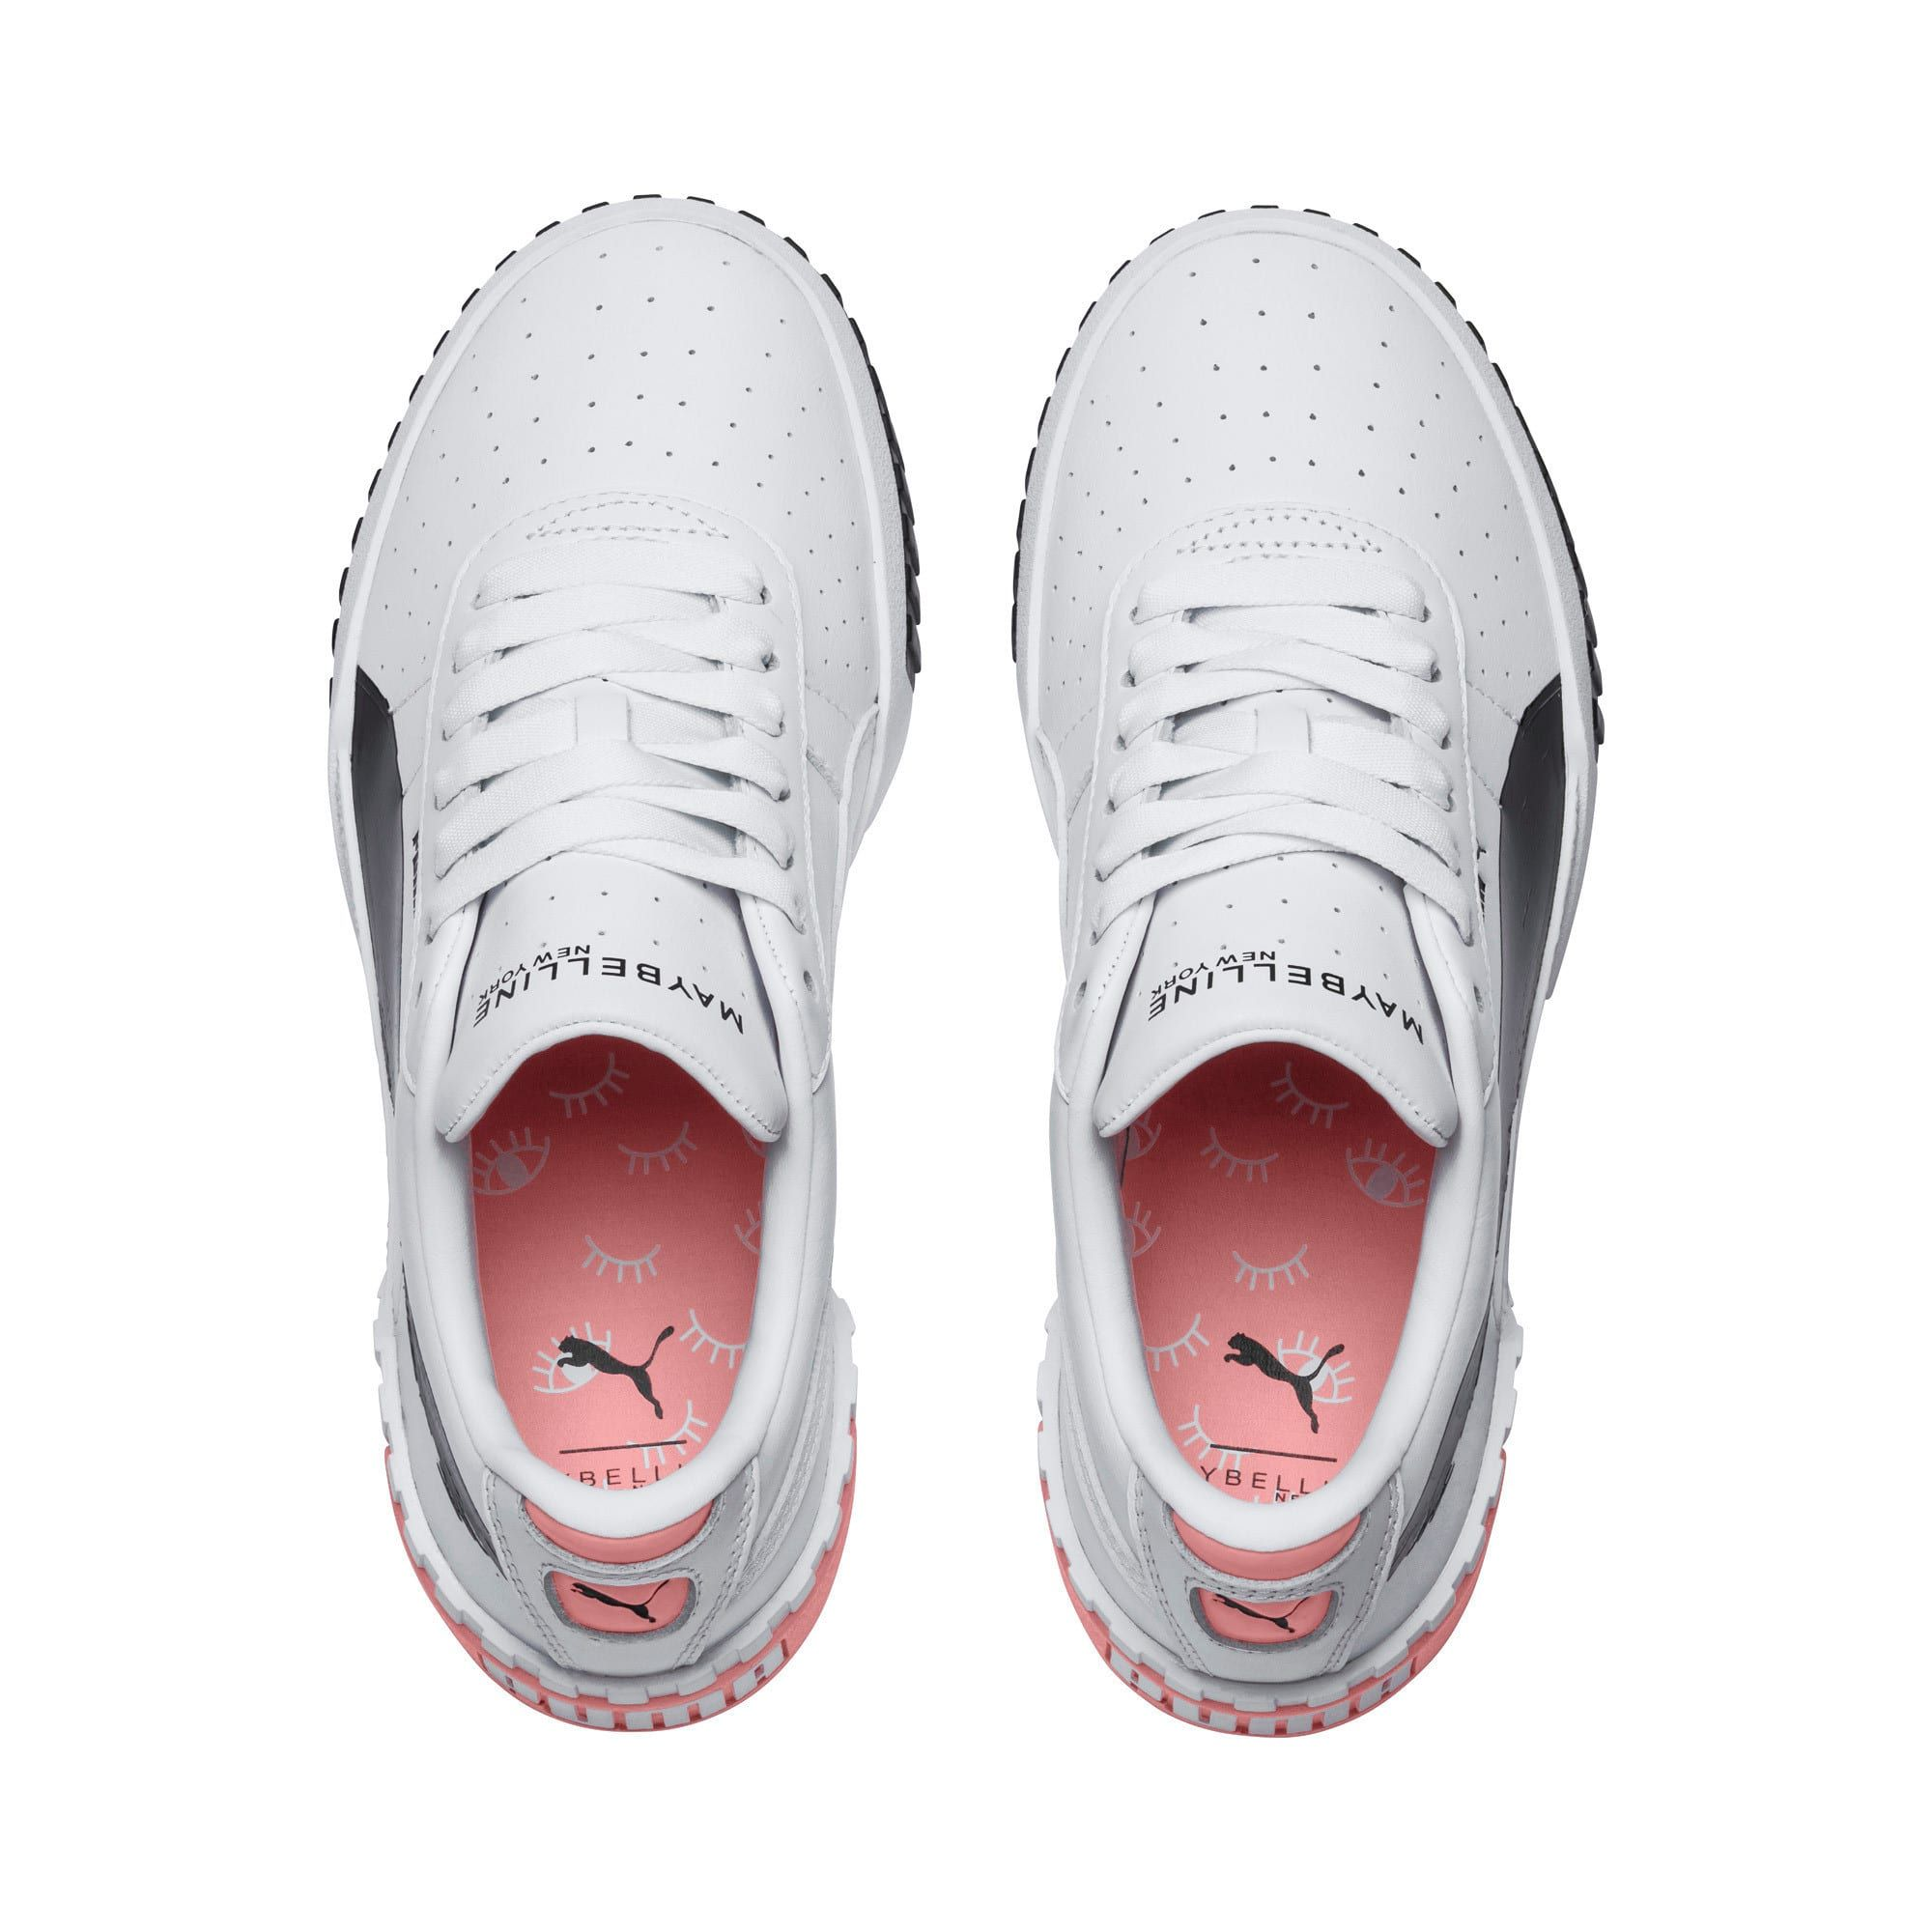 PUMA x Maybelline Cali Women's Trainers in WhiteBlack size